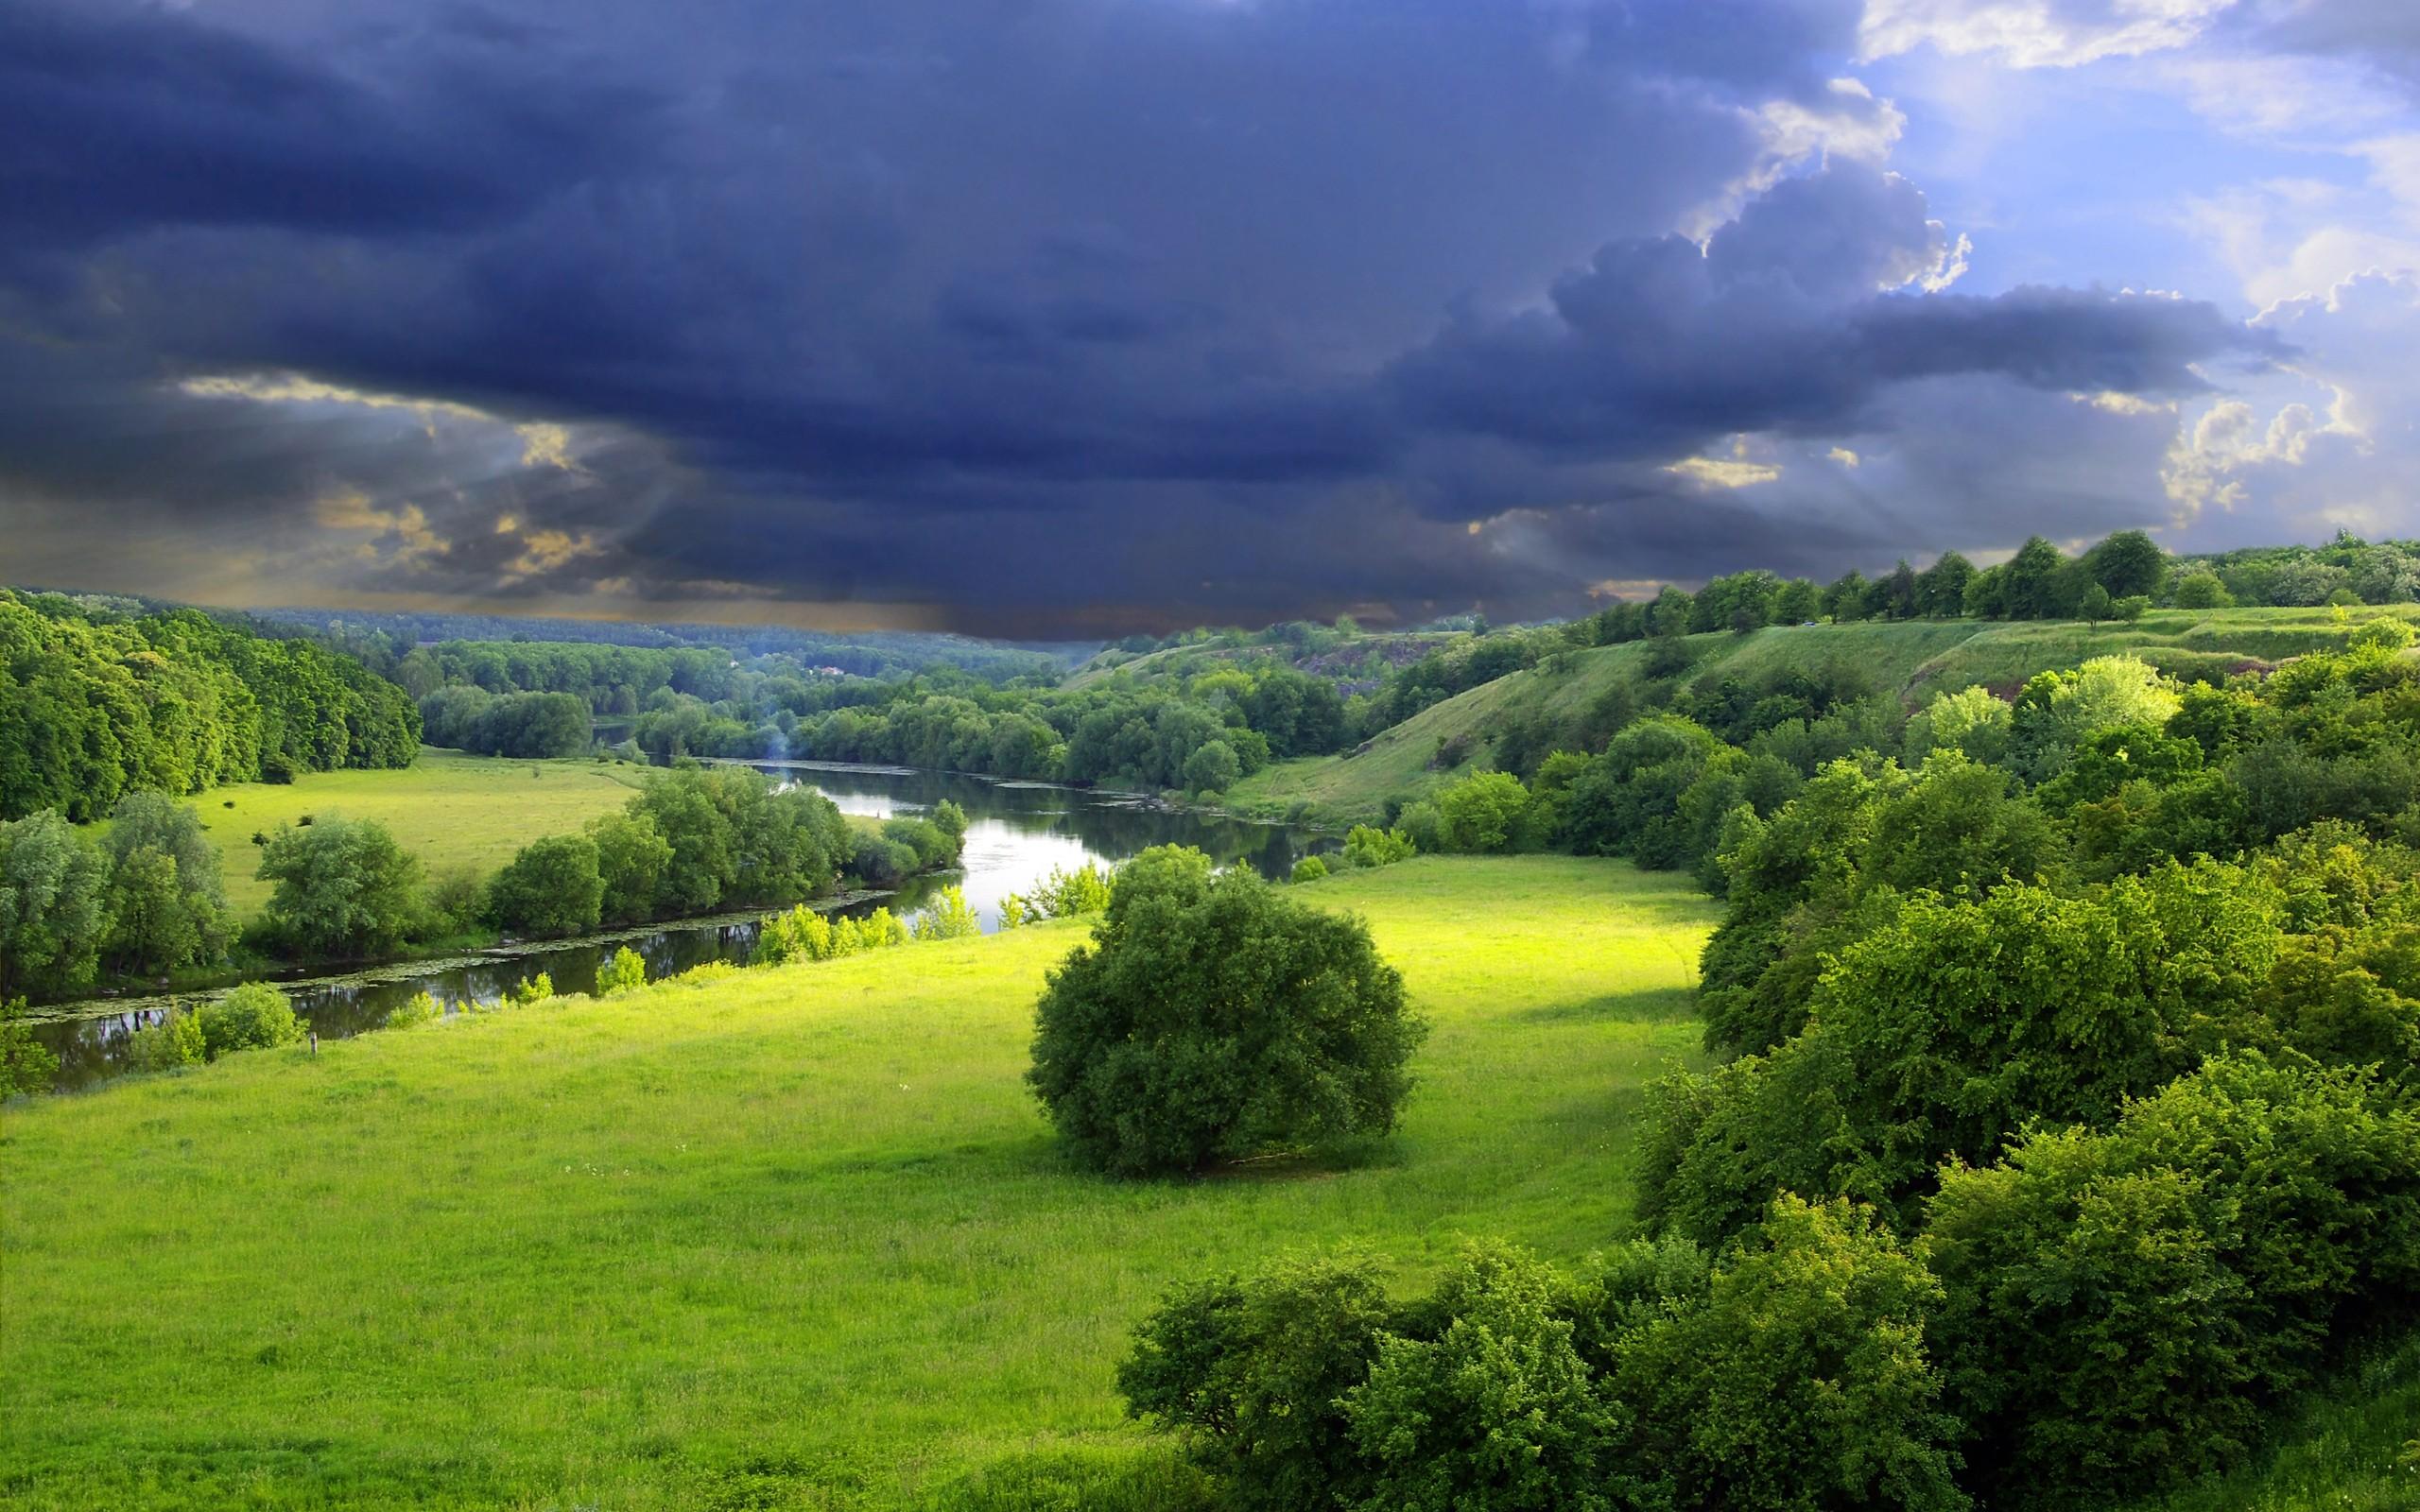 река деревья трава природа скачать